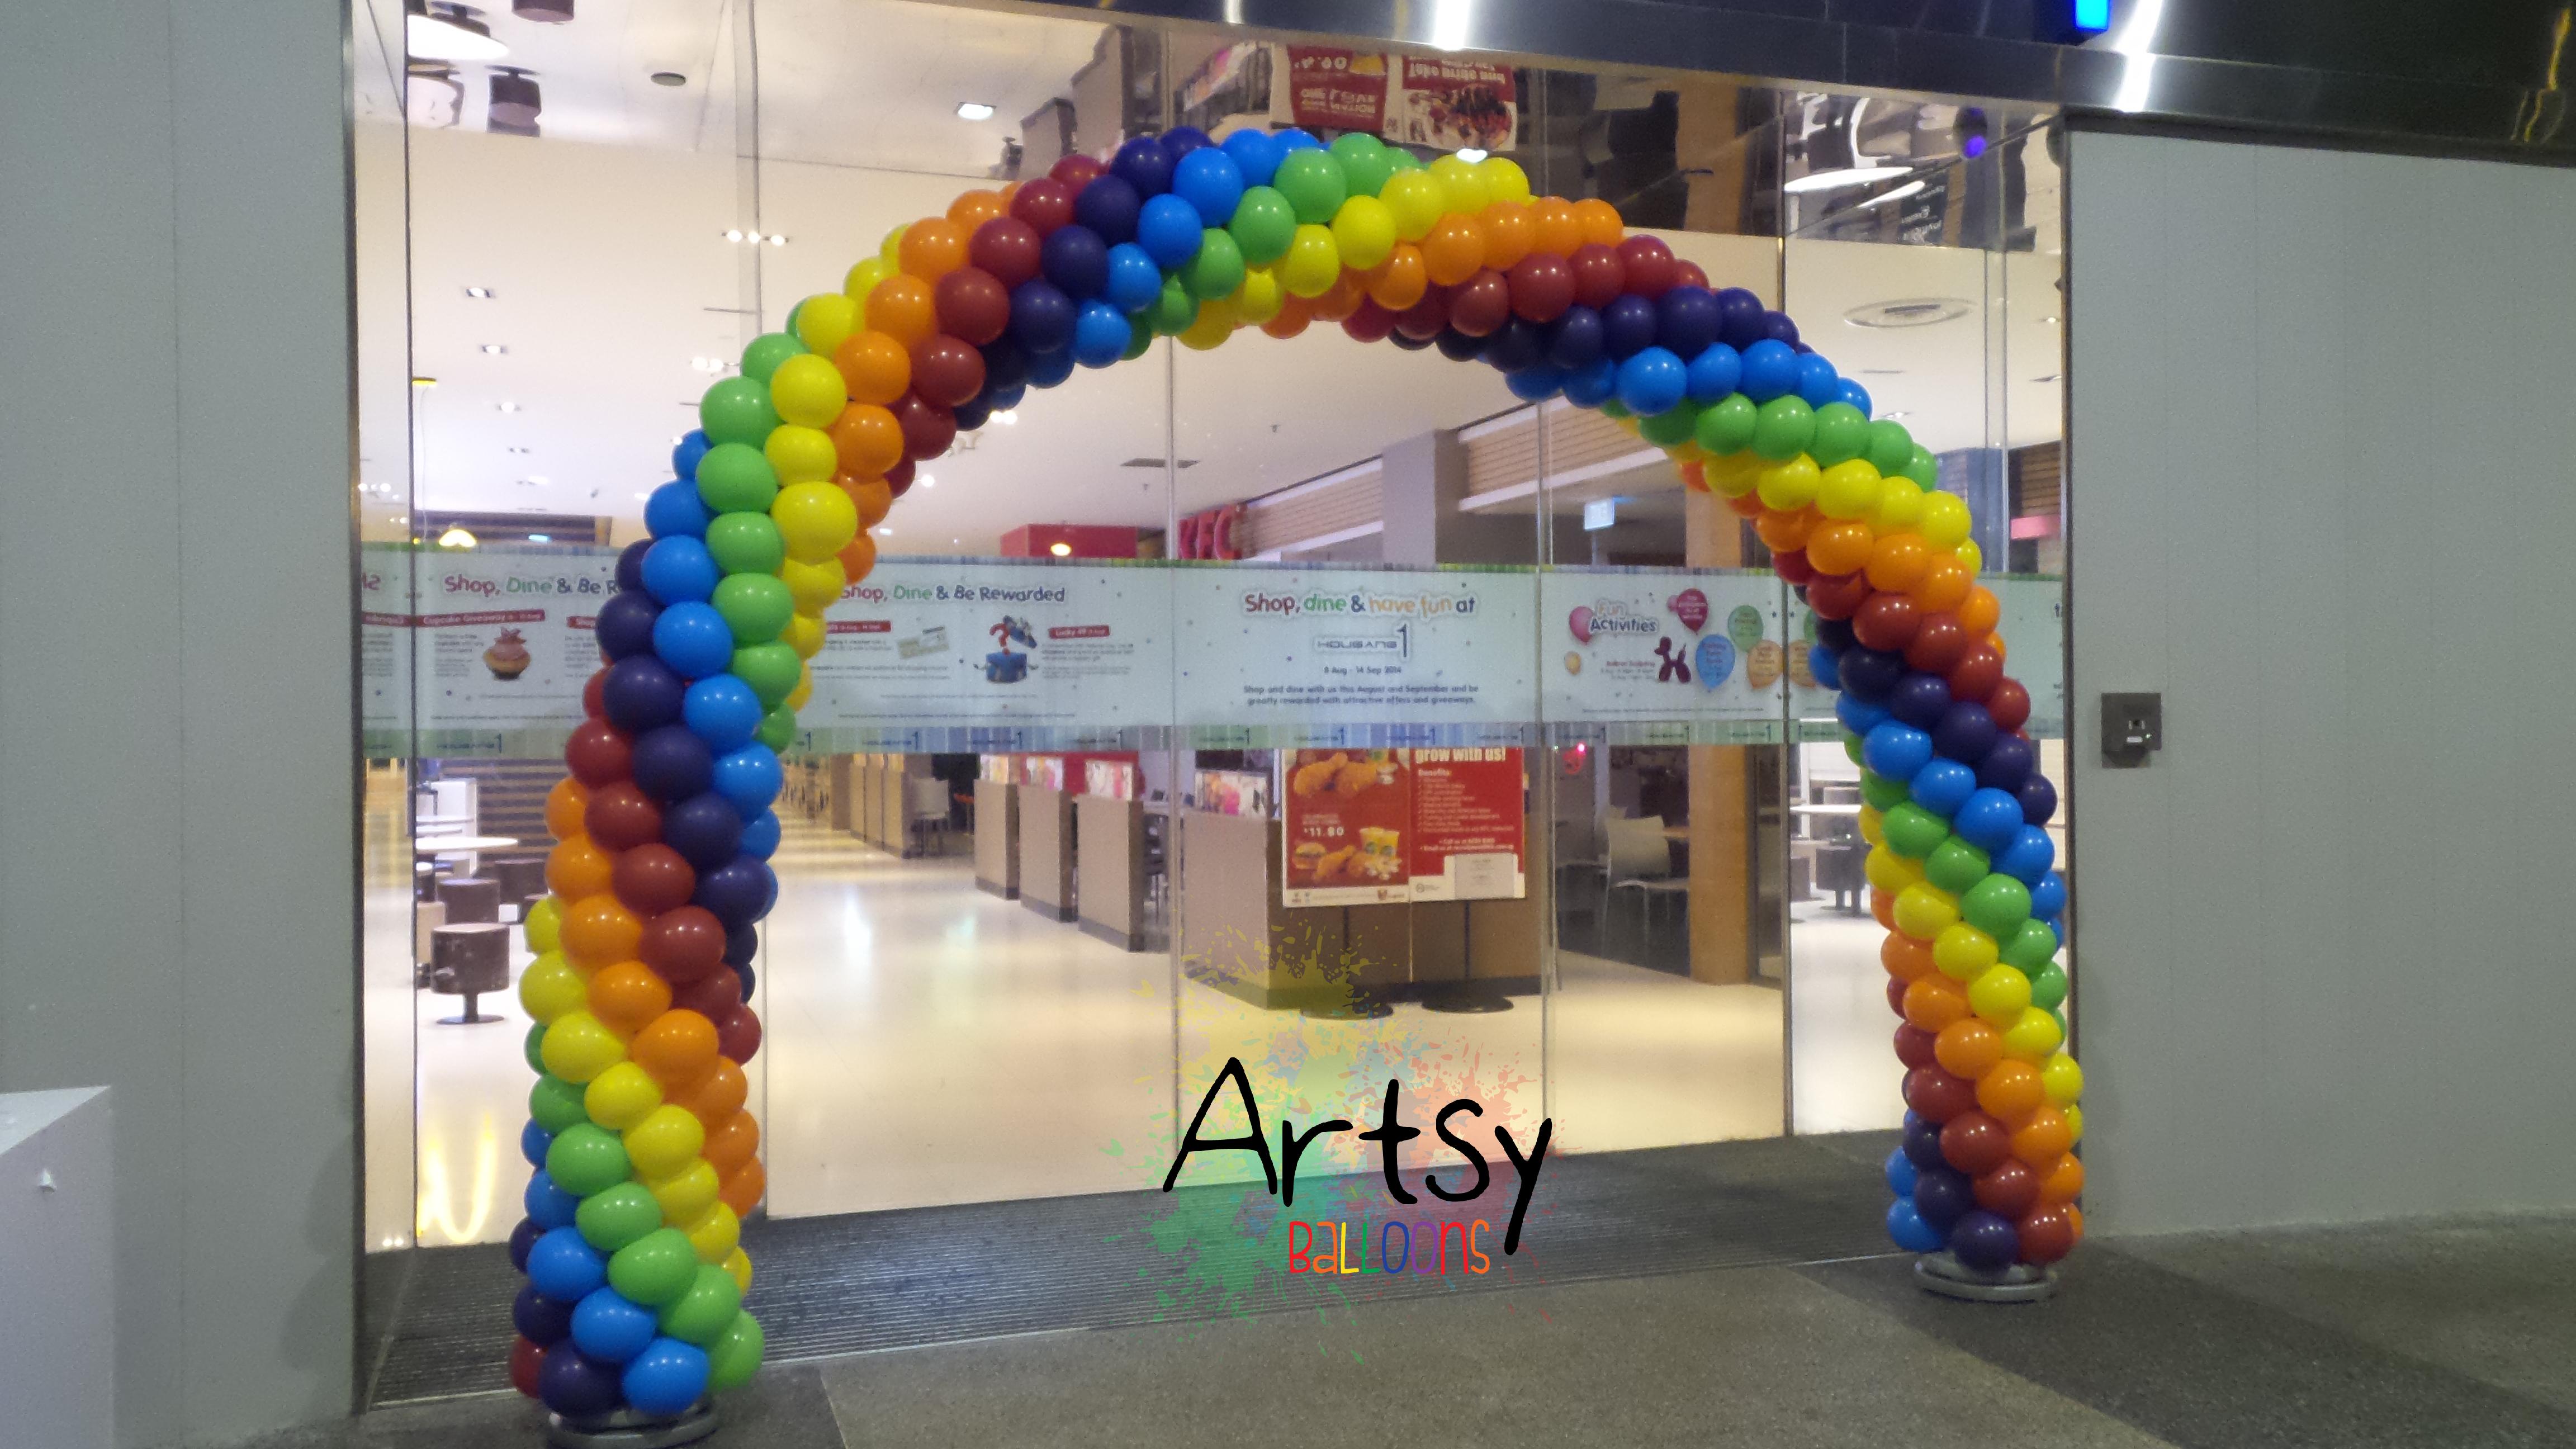 advance 6 colour spiral balloon rainbow arch